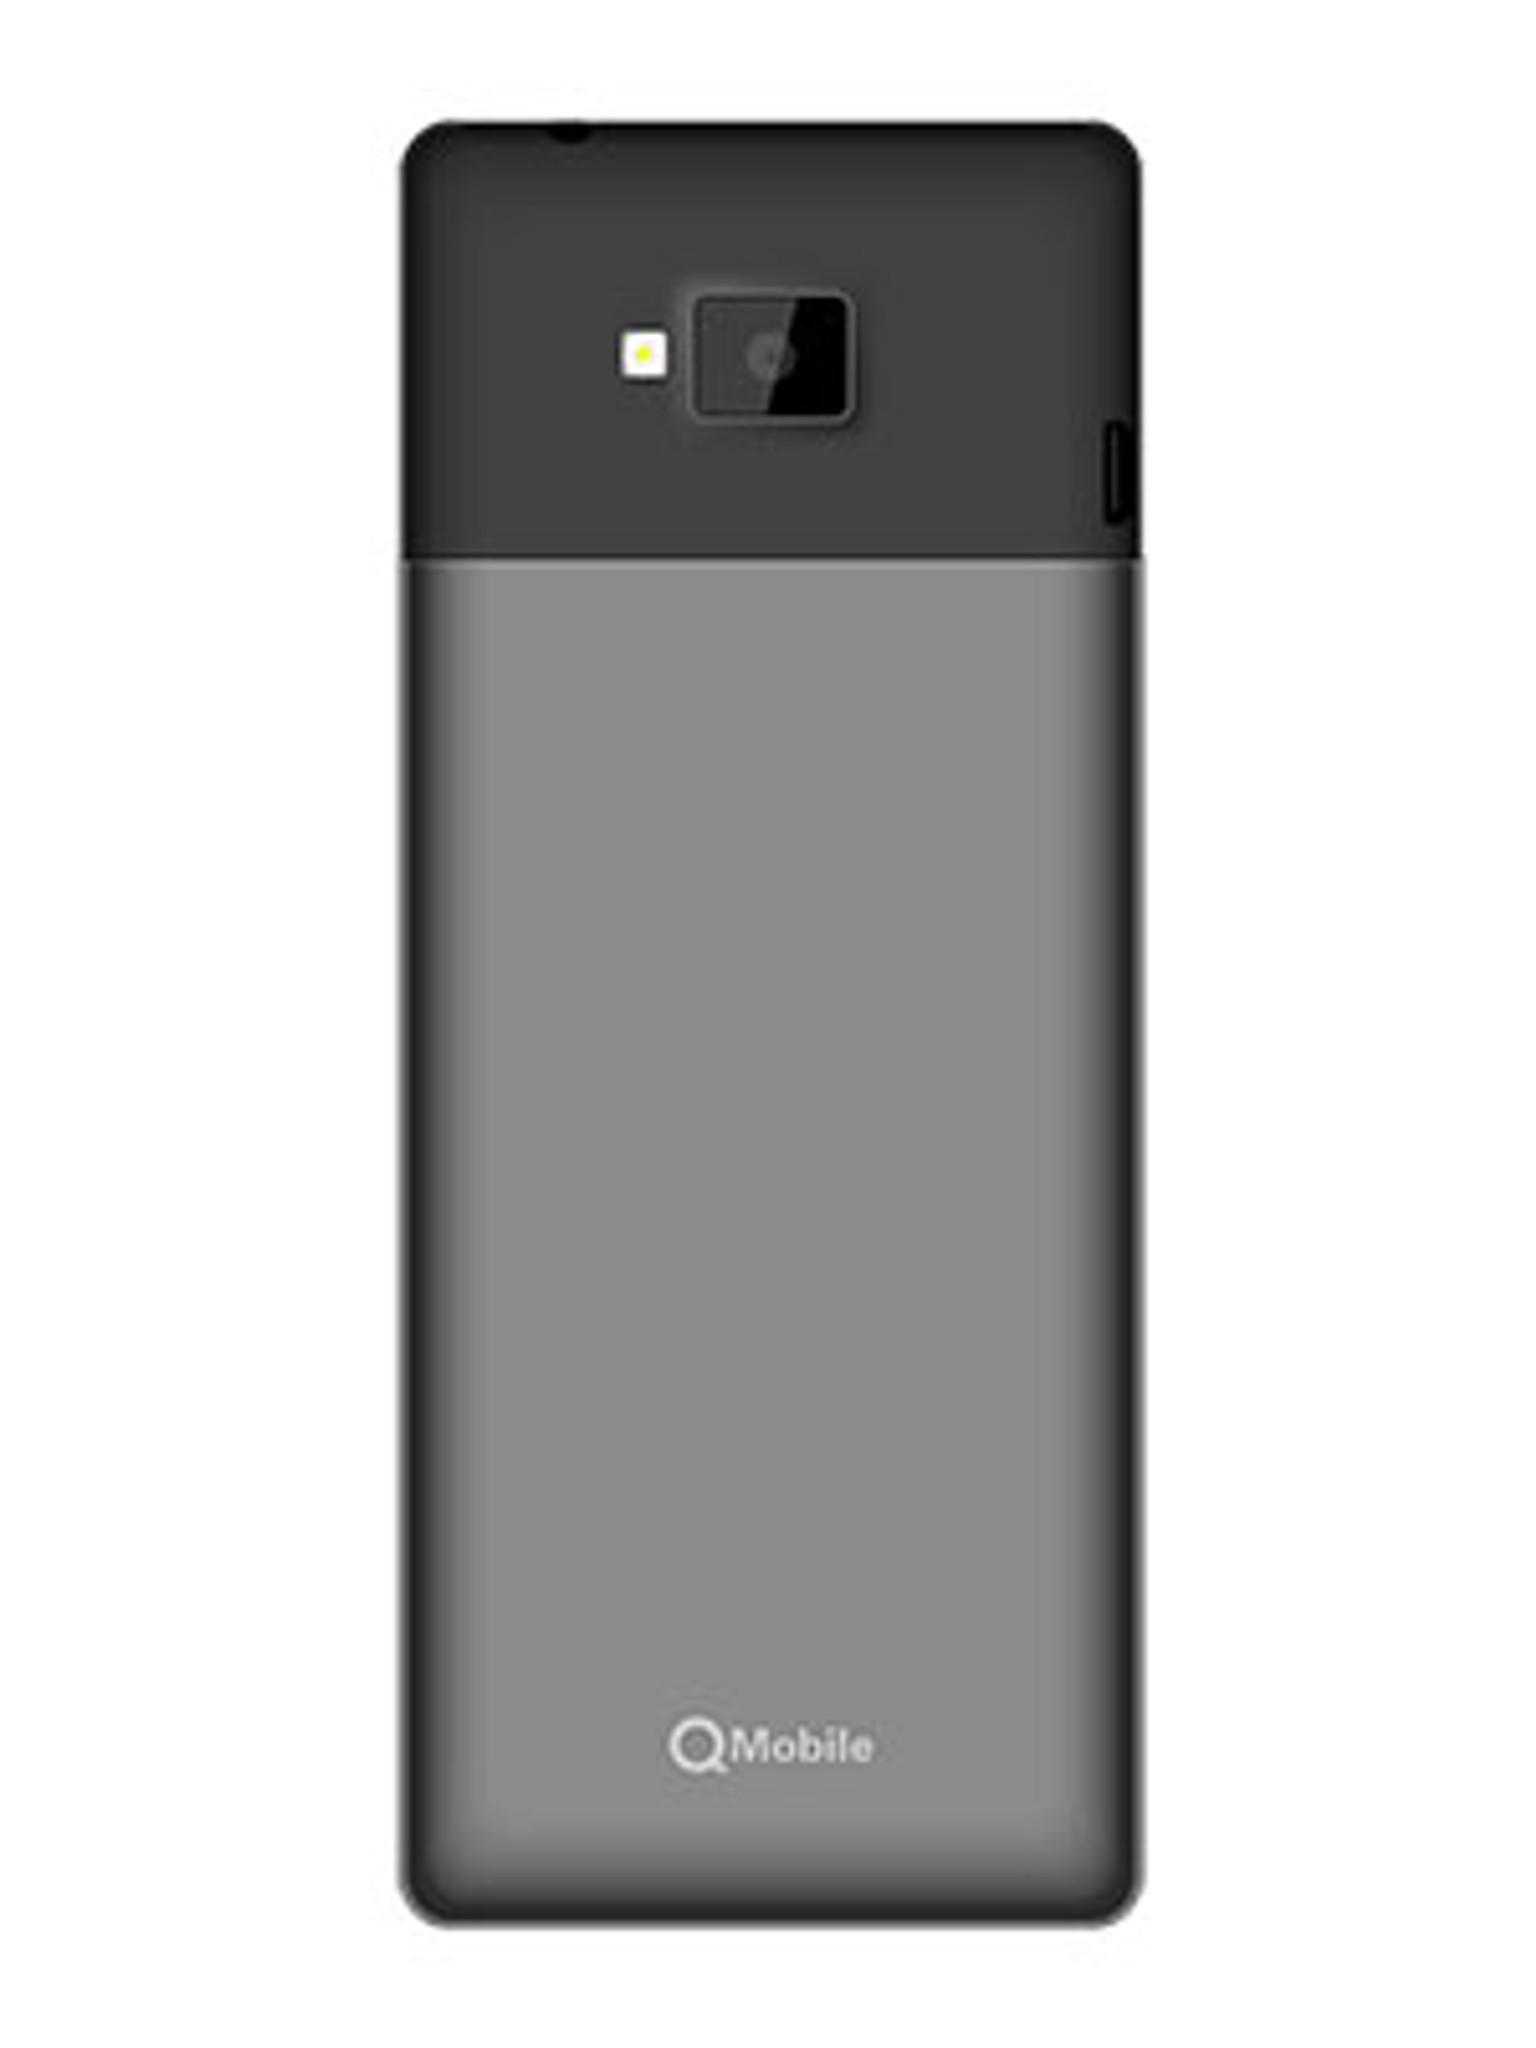 qmobile e990 flash player